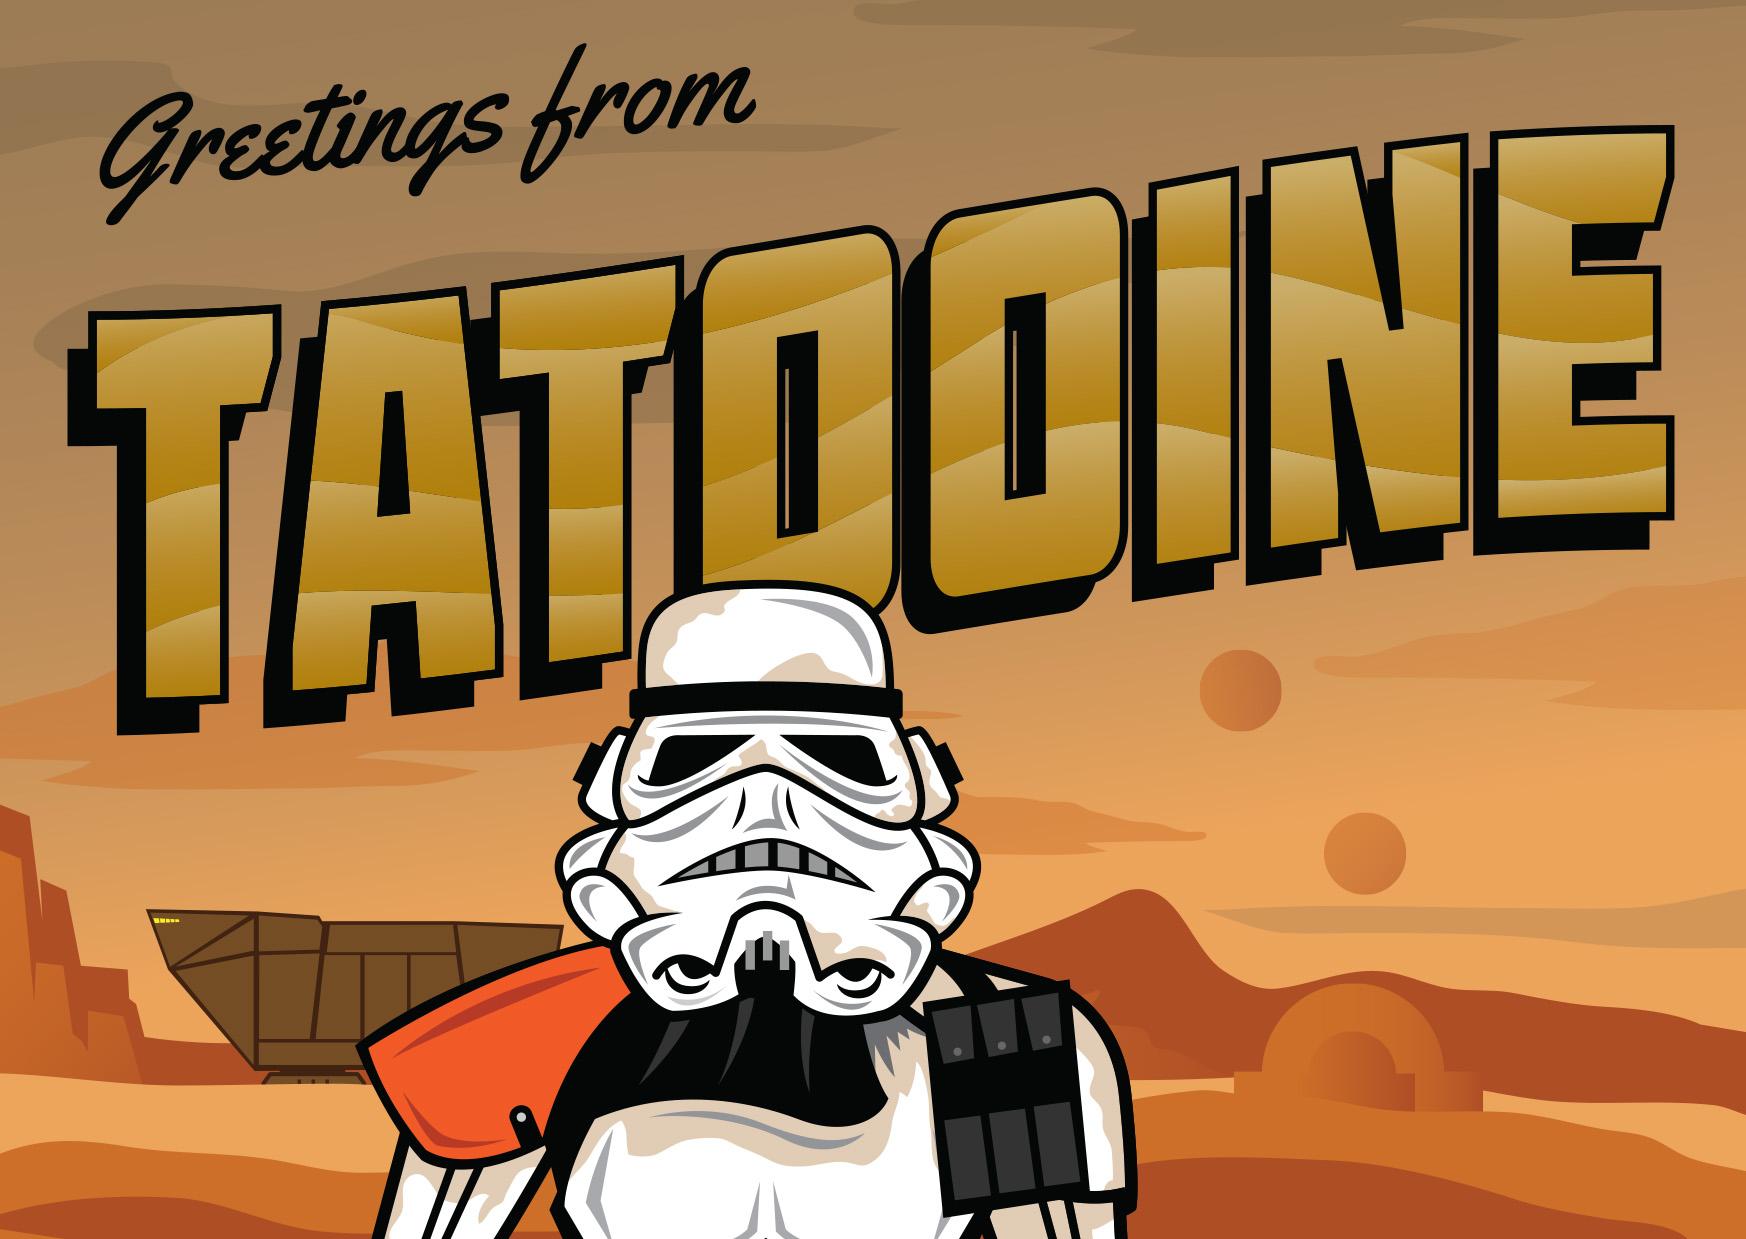 Greetings from Tatoonie (Star Wars).jpg